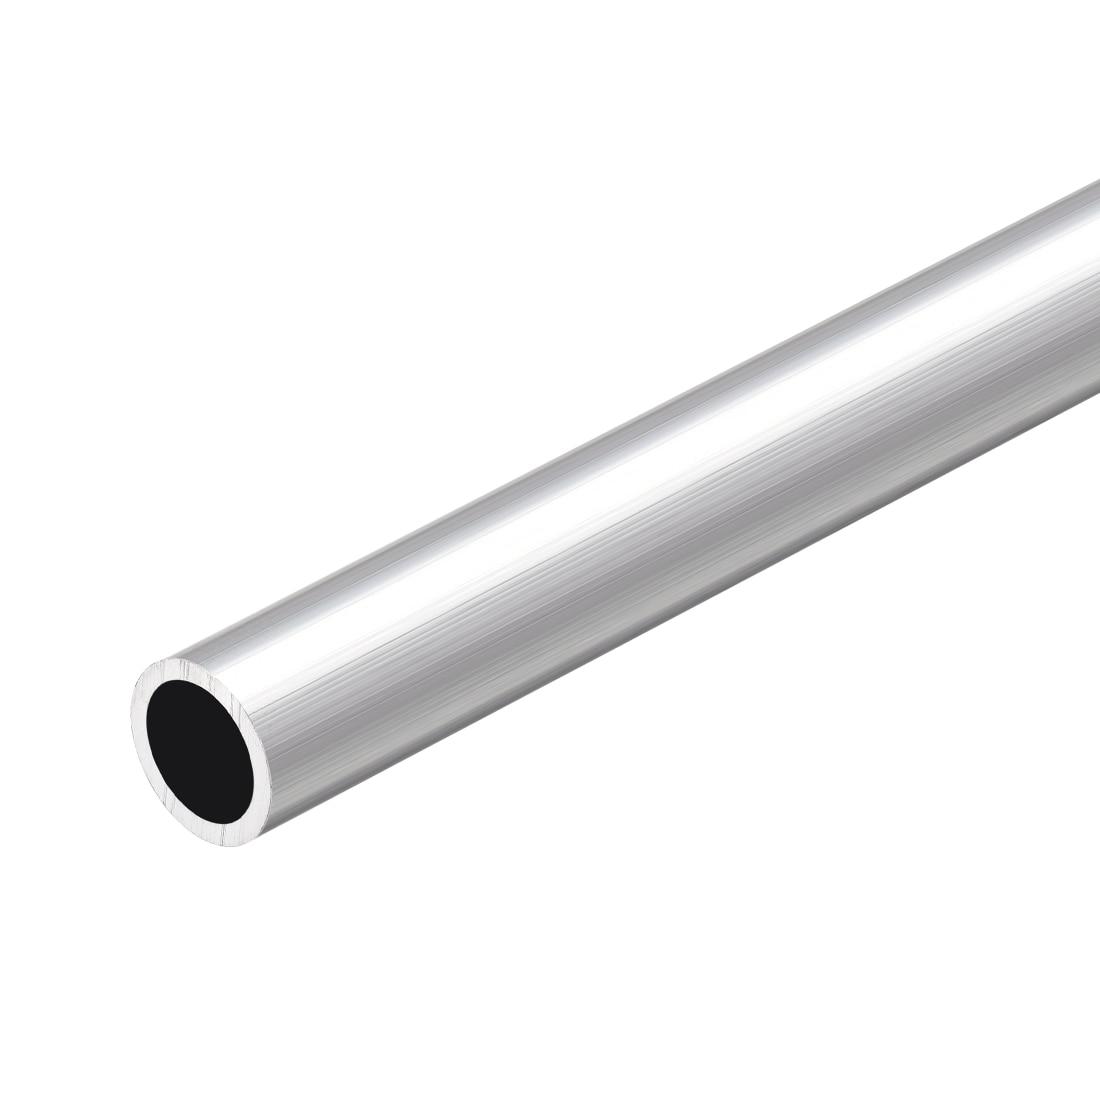 Tubo redondo de aluminio uxcell 6063 300mm de longitud 13mm OD 10mm diámetro interior tubo recto de aluminio sin costura